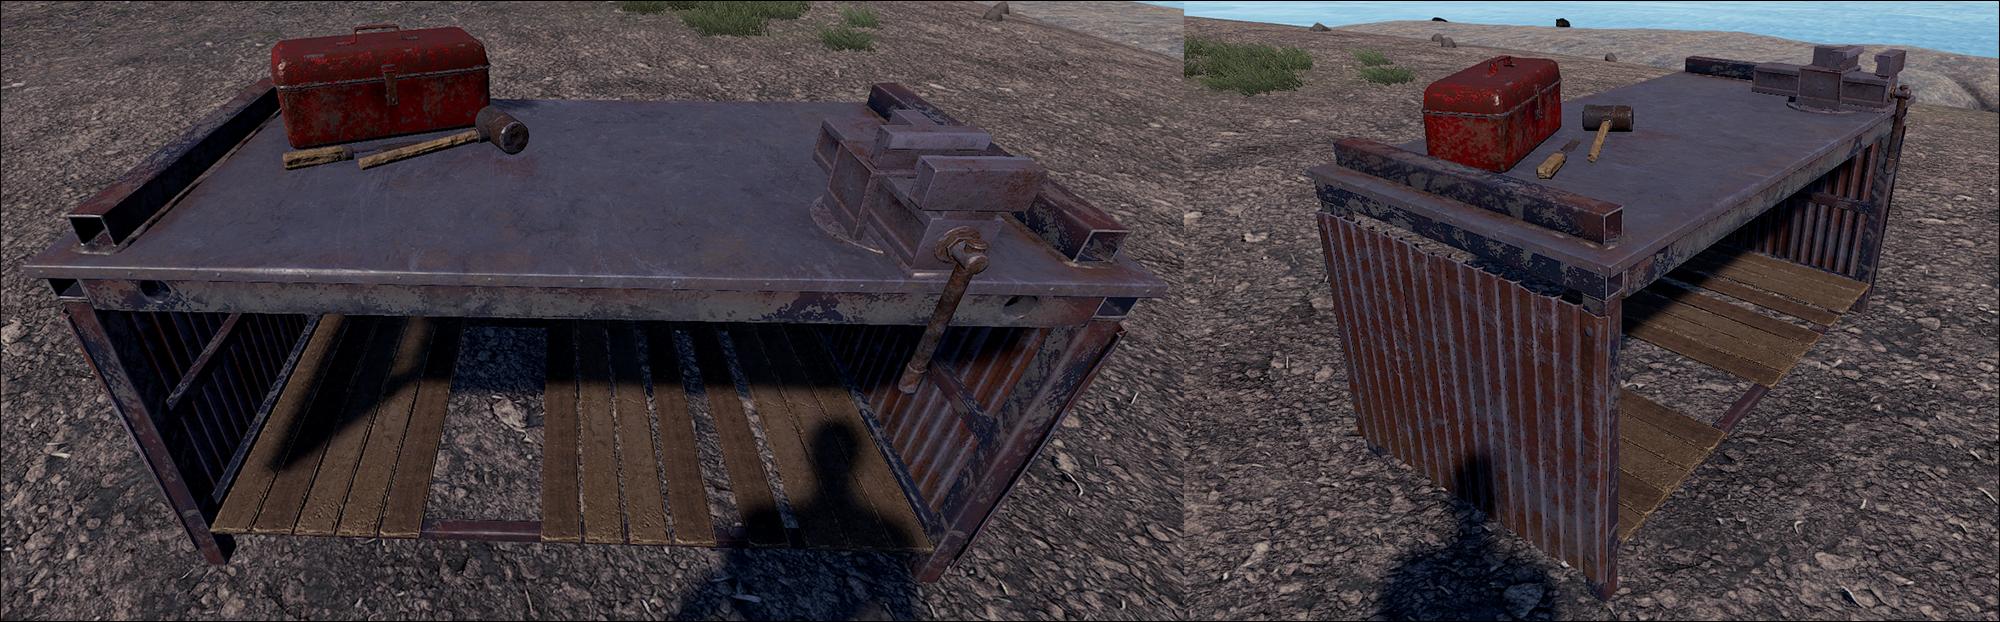 repair_bench_ingame.png